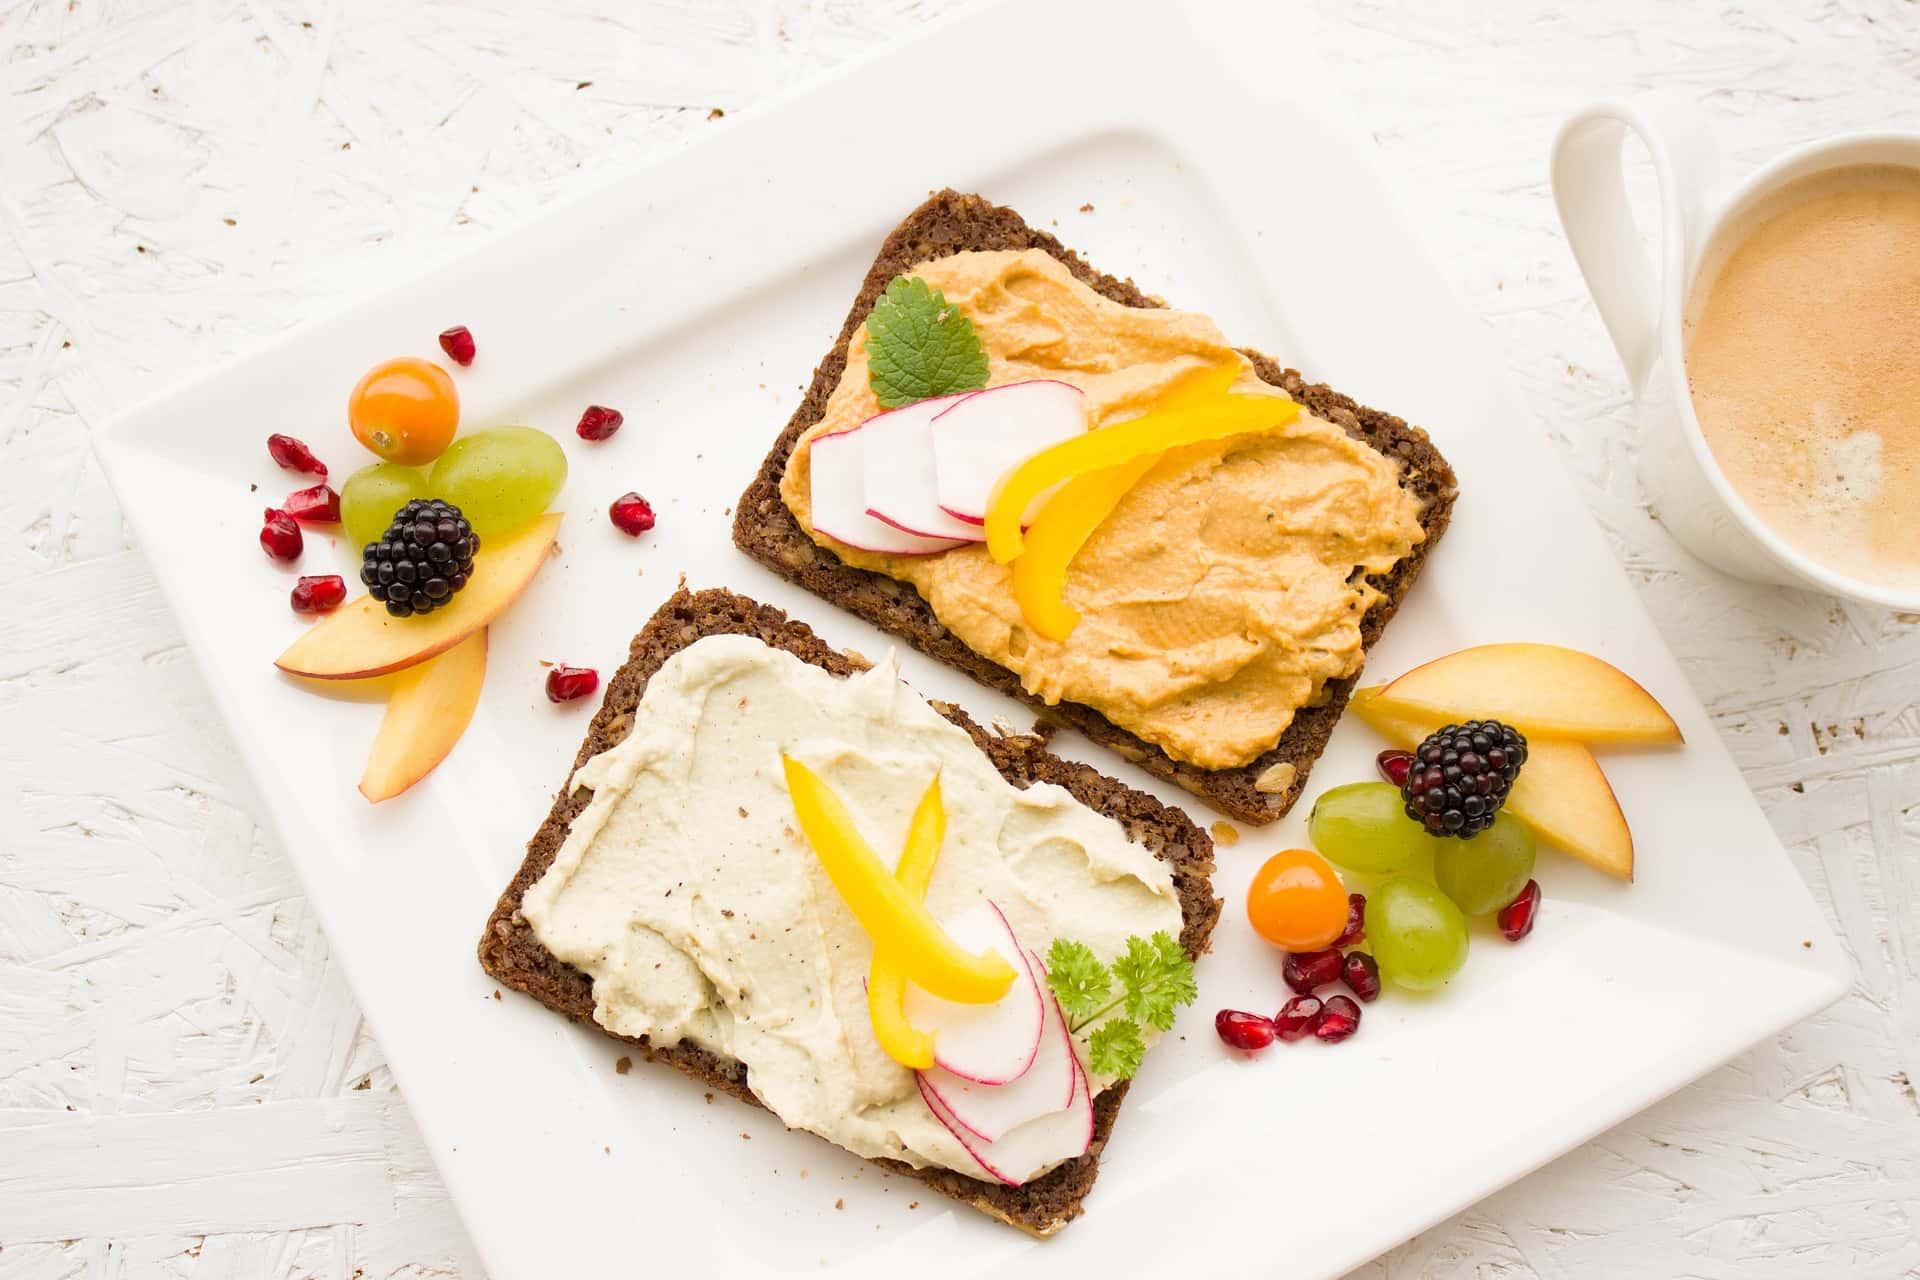 Zdrowie wpracy programisty - śniadanie